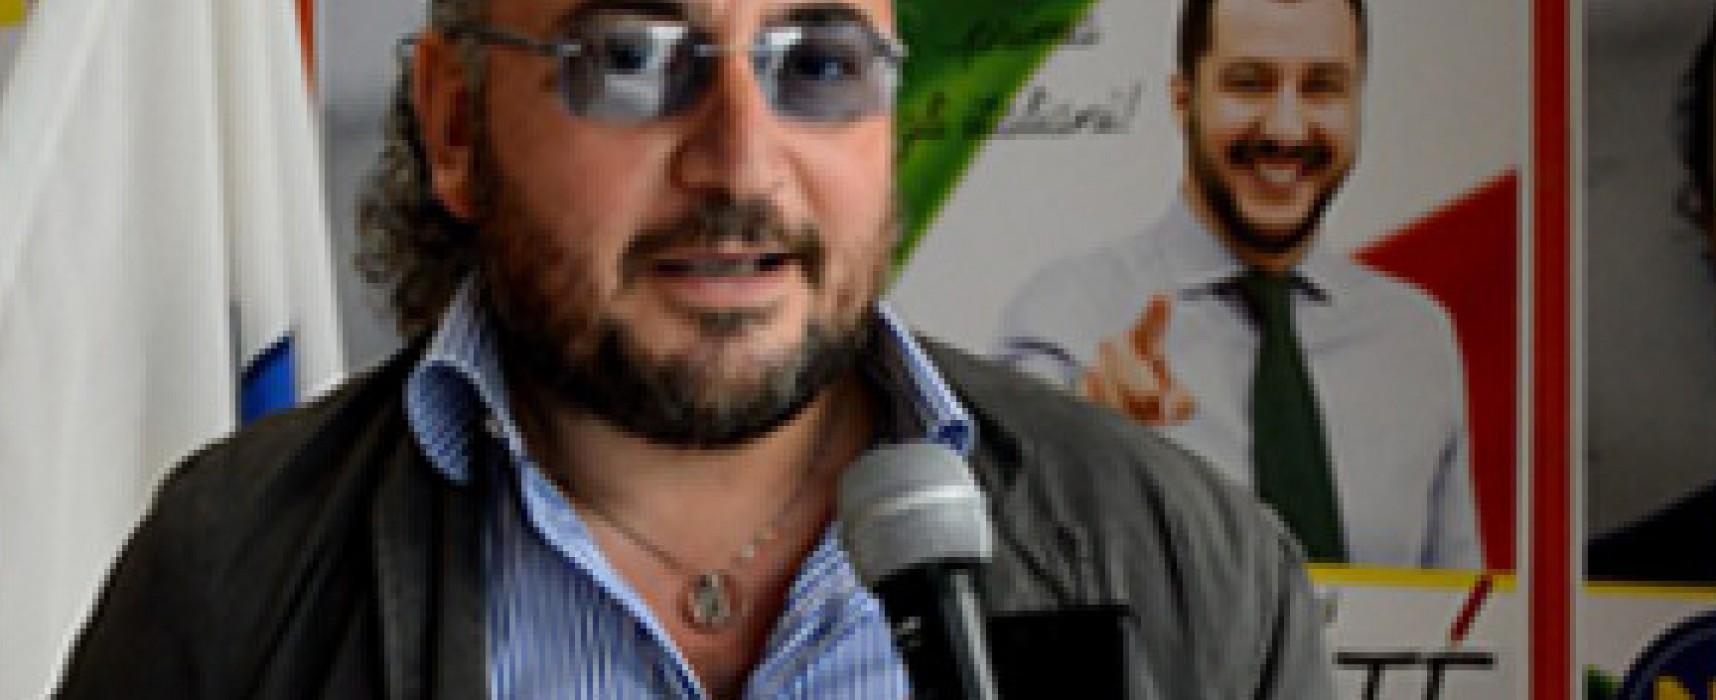 Rottura in Noi con Salvini, Prete disconosce il coordinatore regionale e scrive a Salvini